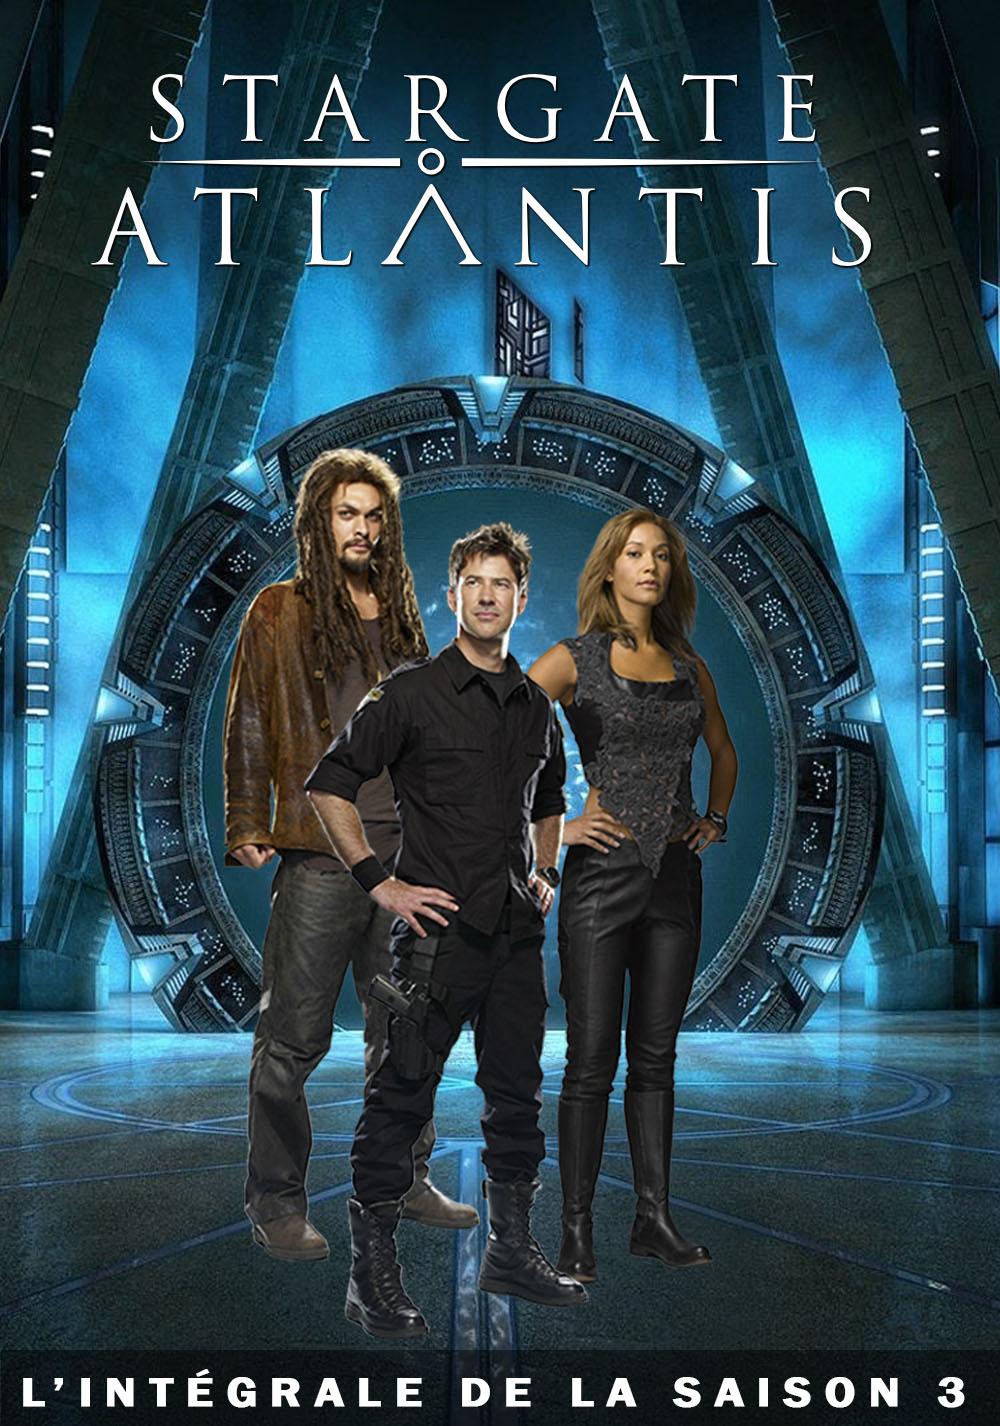 Stargate Atlantis Serien Stream